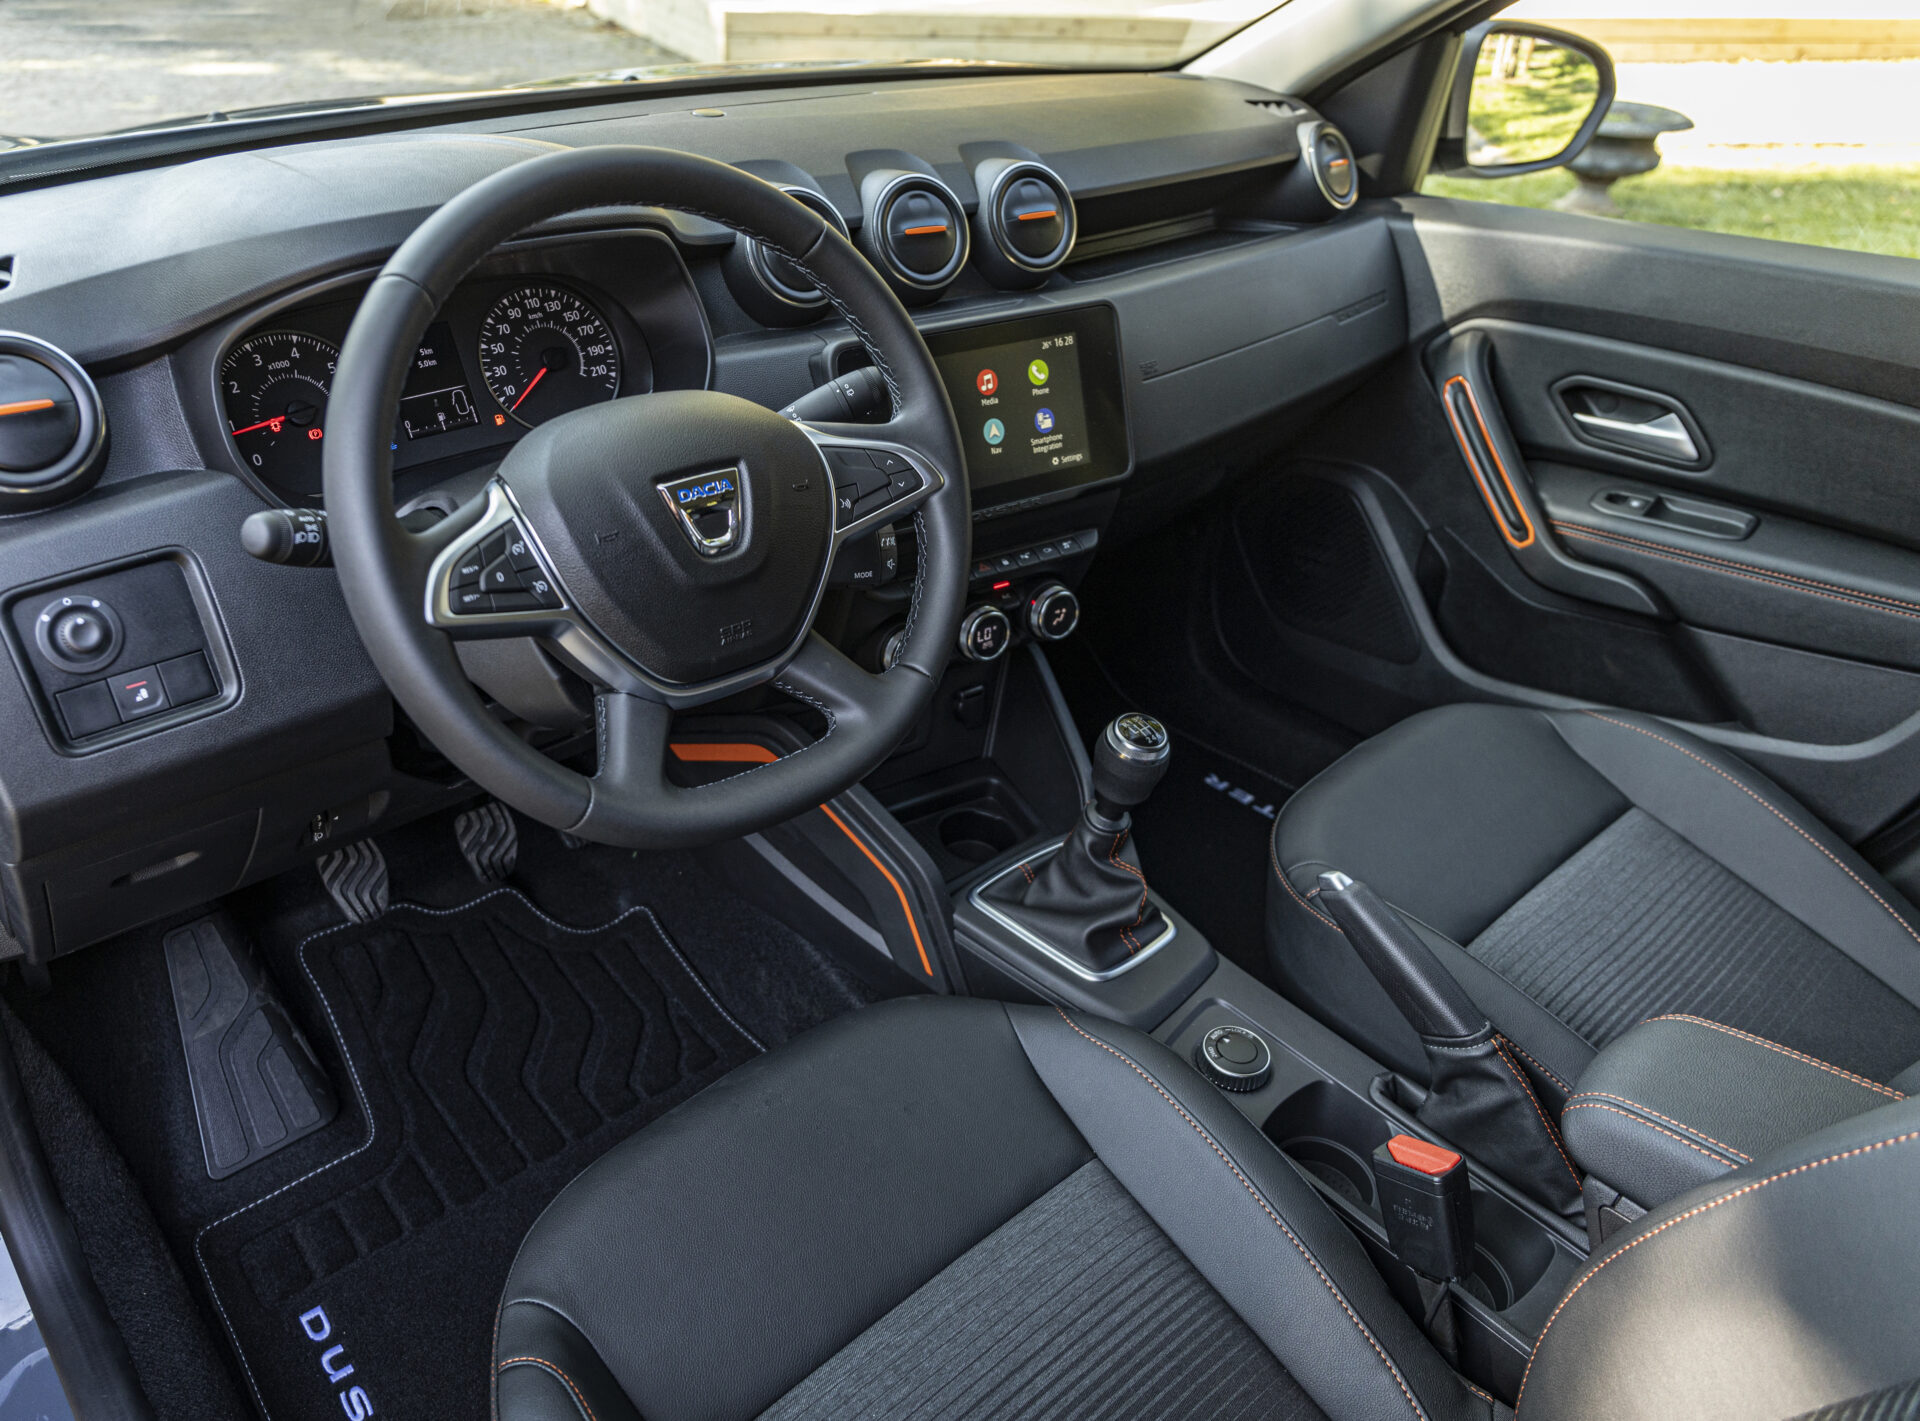 Oferta Dacia Duster septiembre 2021